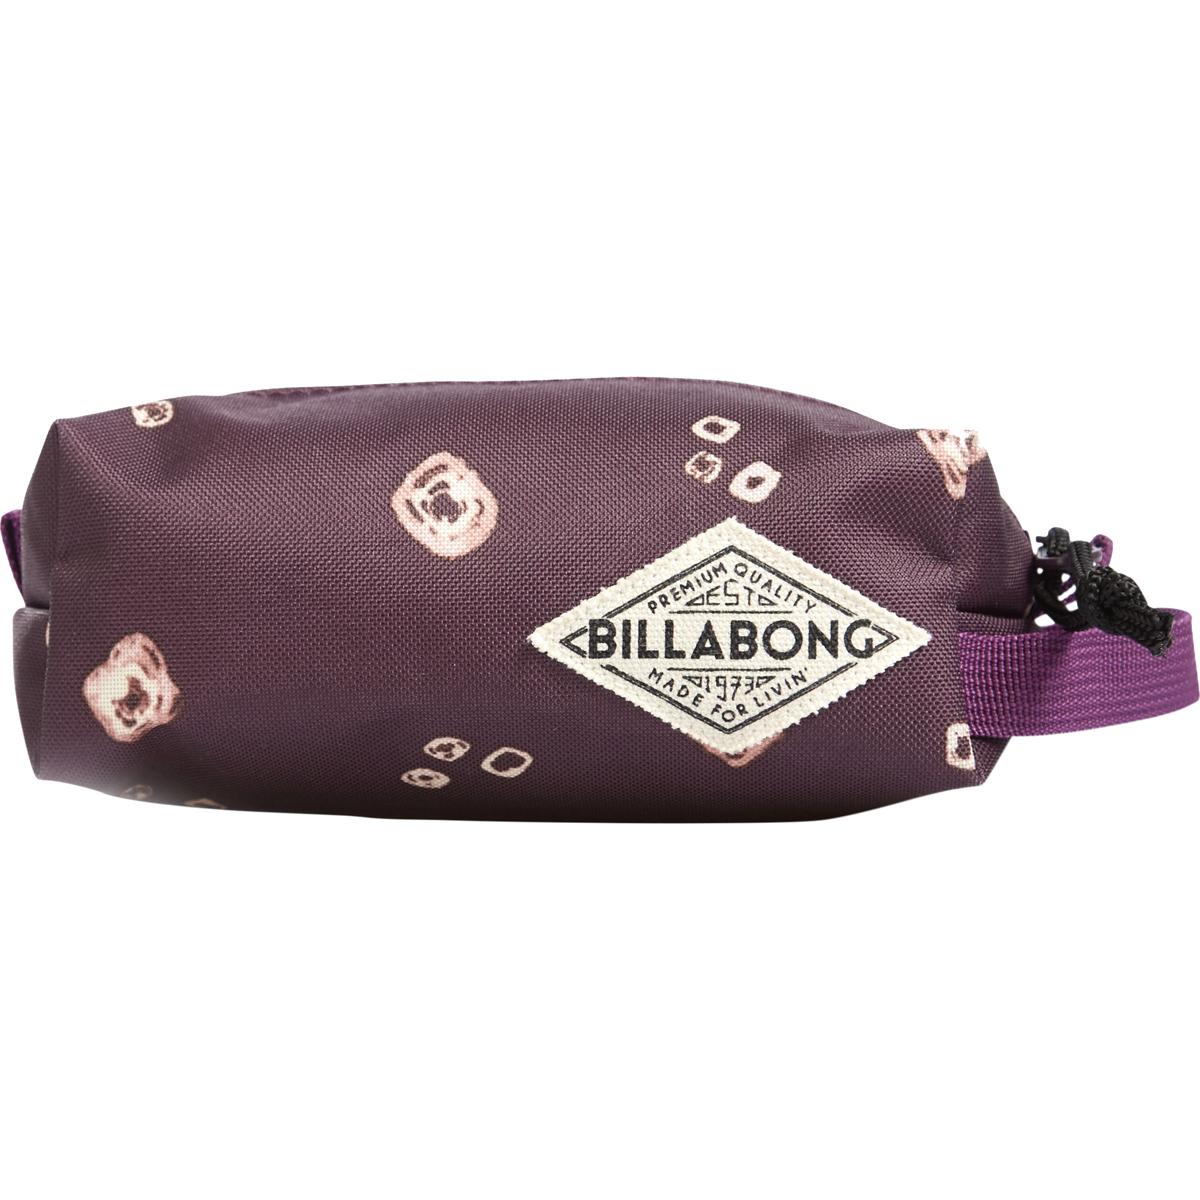 Сумка-пенал Billabong Laval, цвет: светло-бордовый , 3 лZ9PE02Компактная сумка-пенал Billabong Laval - удобный аксессуар для косметики, различных мелочей, и, конечно, канцелярских принадлежностей. Пенал легко помещается в сумку или рюкзак. Имеются застежка на молнии и ремешок для переноски в руке.Материал - прочный полиэстер 600D.